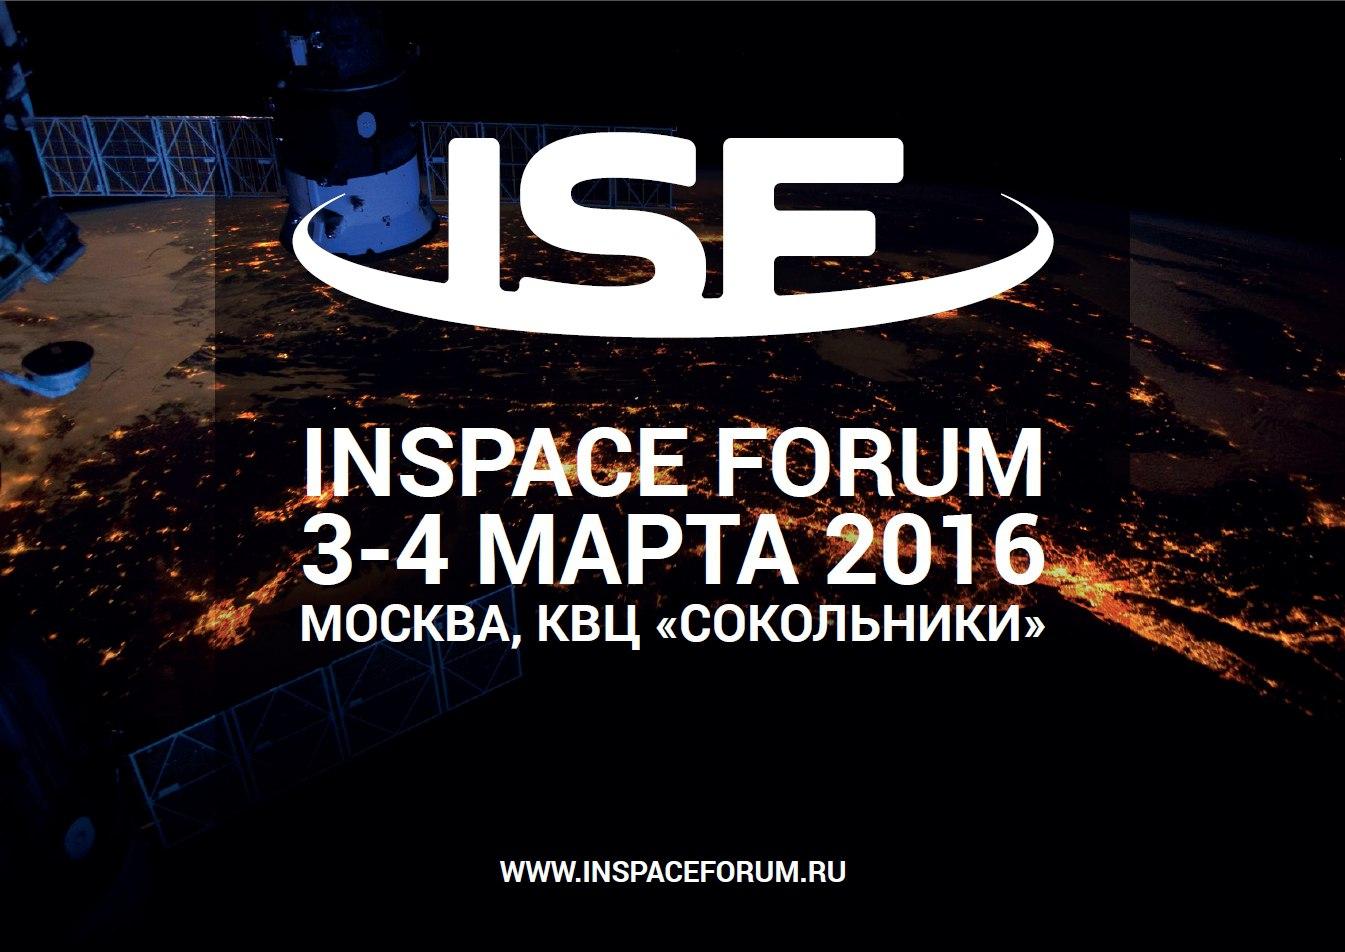 Картинки по запросу INSPACE FORUM 2016